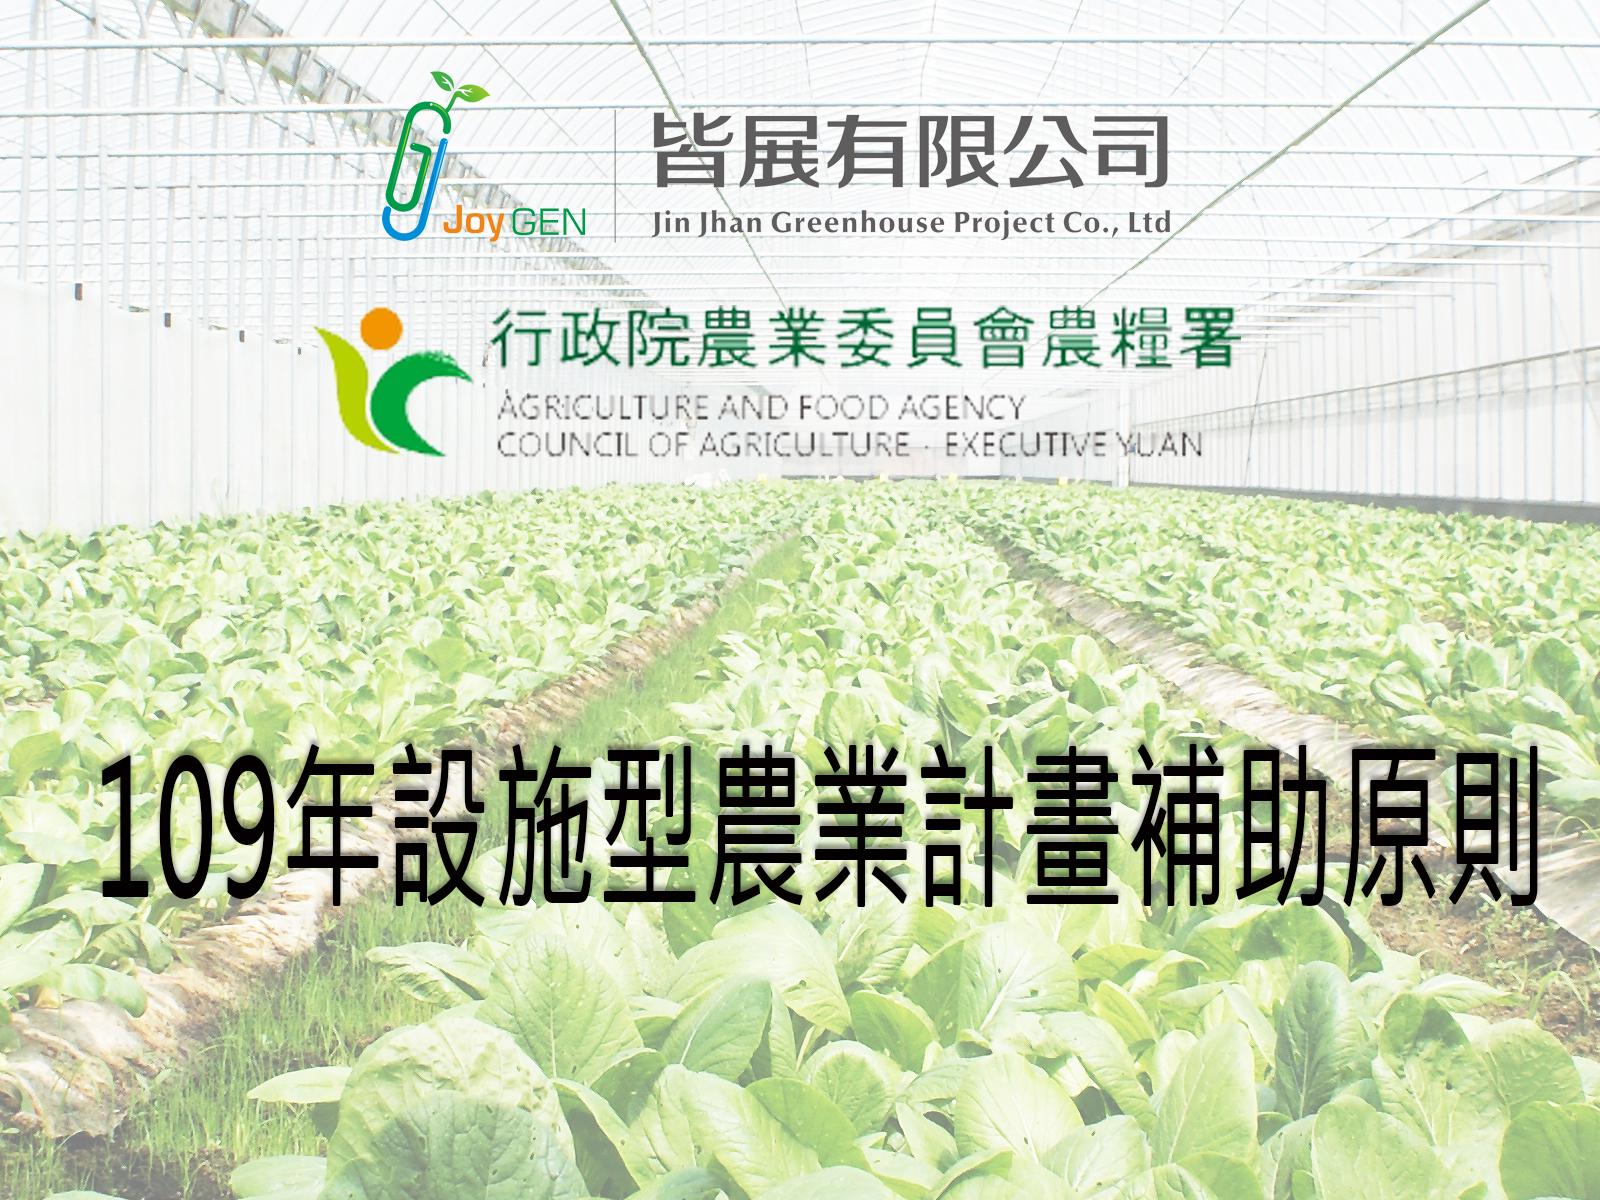 [Nguyên tắc trợ cấp cho Kế hoạch Nông nghiệp Cơ sở năm 109!!]